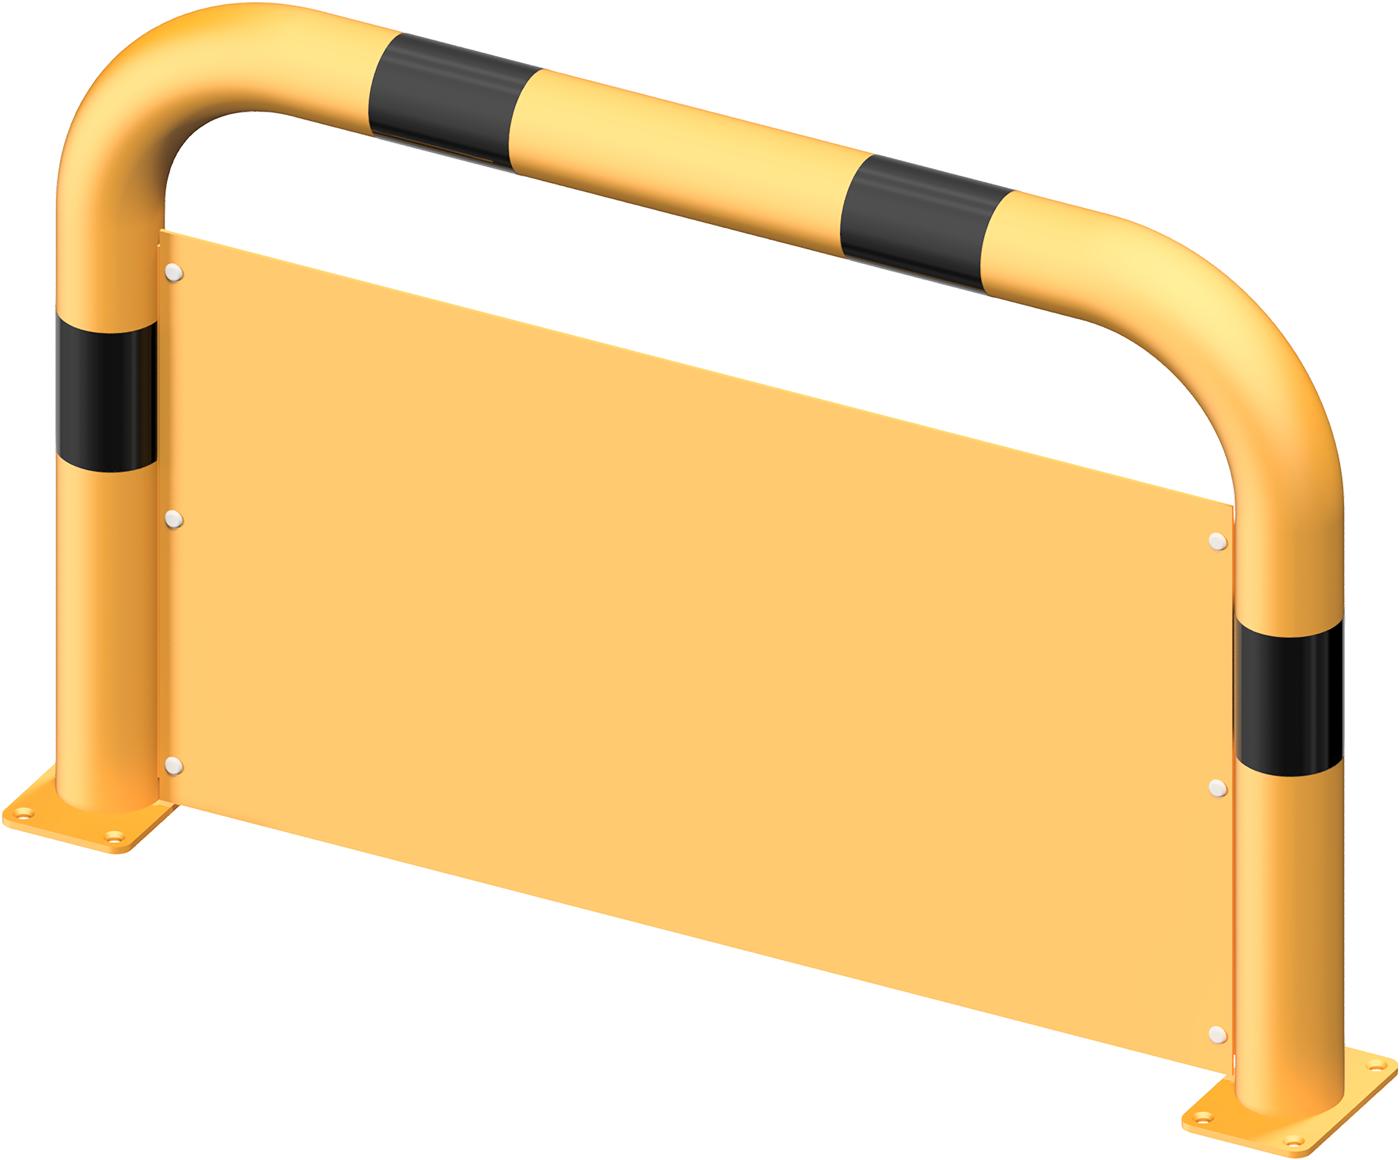 Schake Rammschutzbügel Stahl mit Unterfahrschutz Ø 76 mm gelb | schwarz